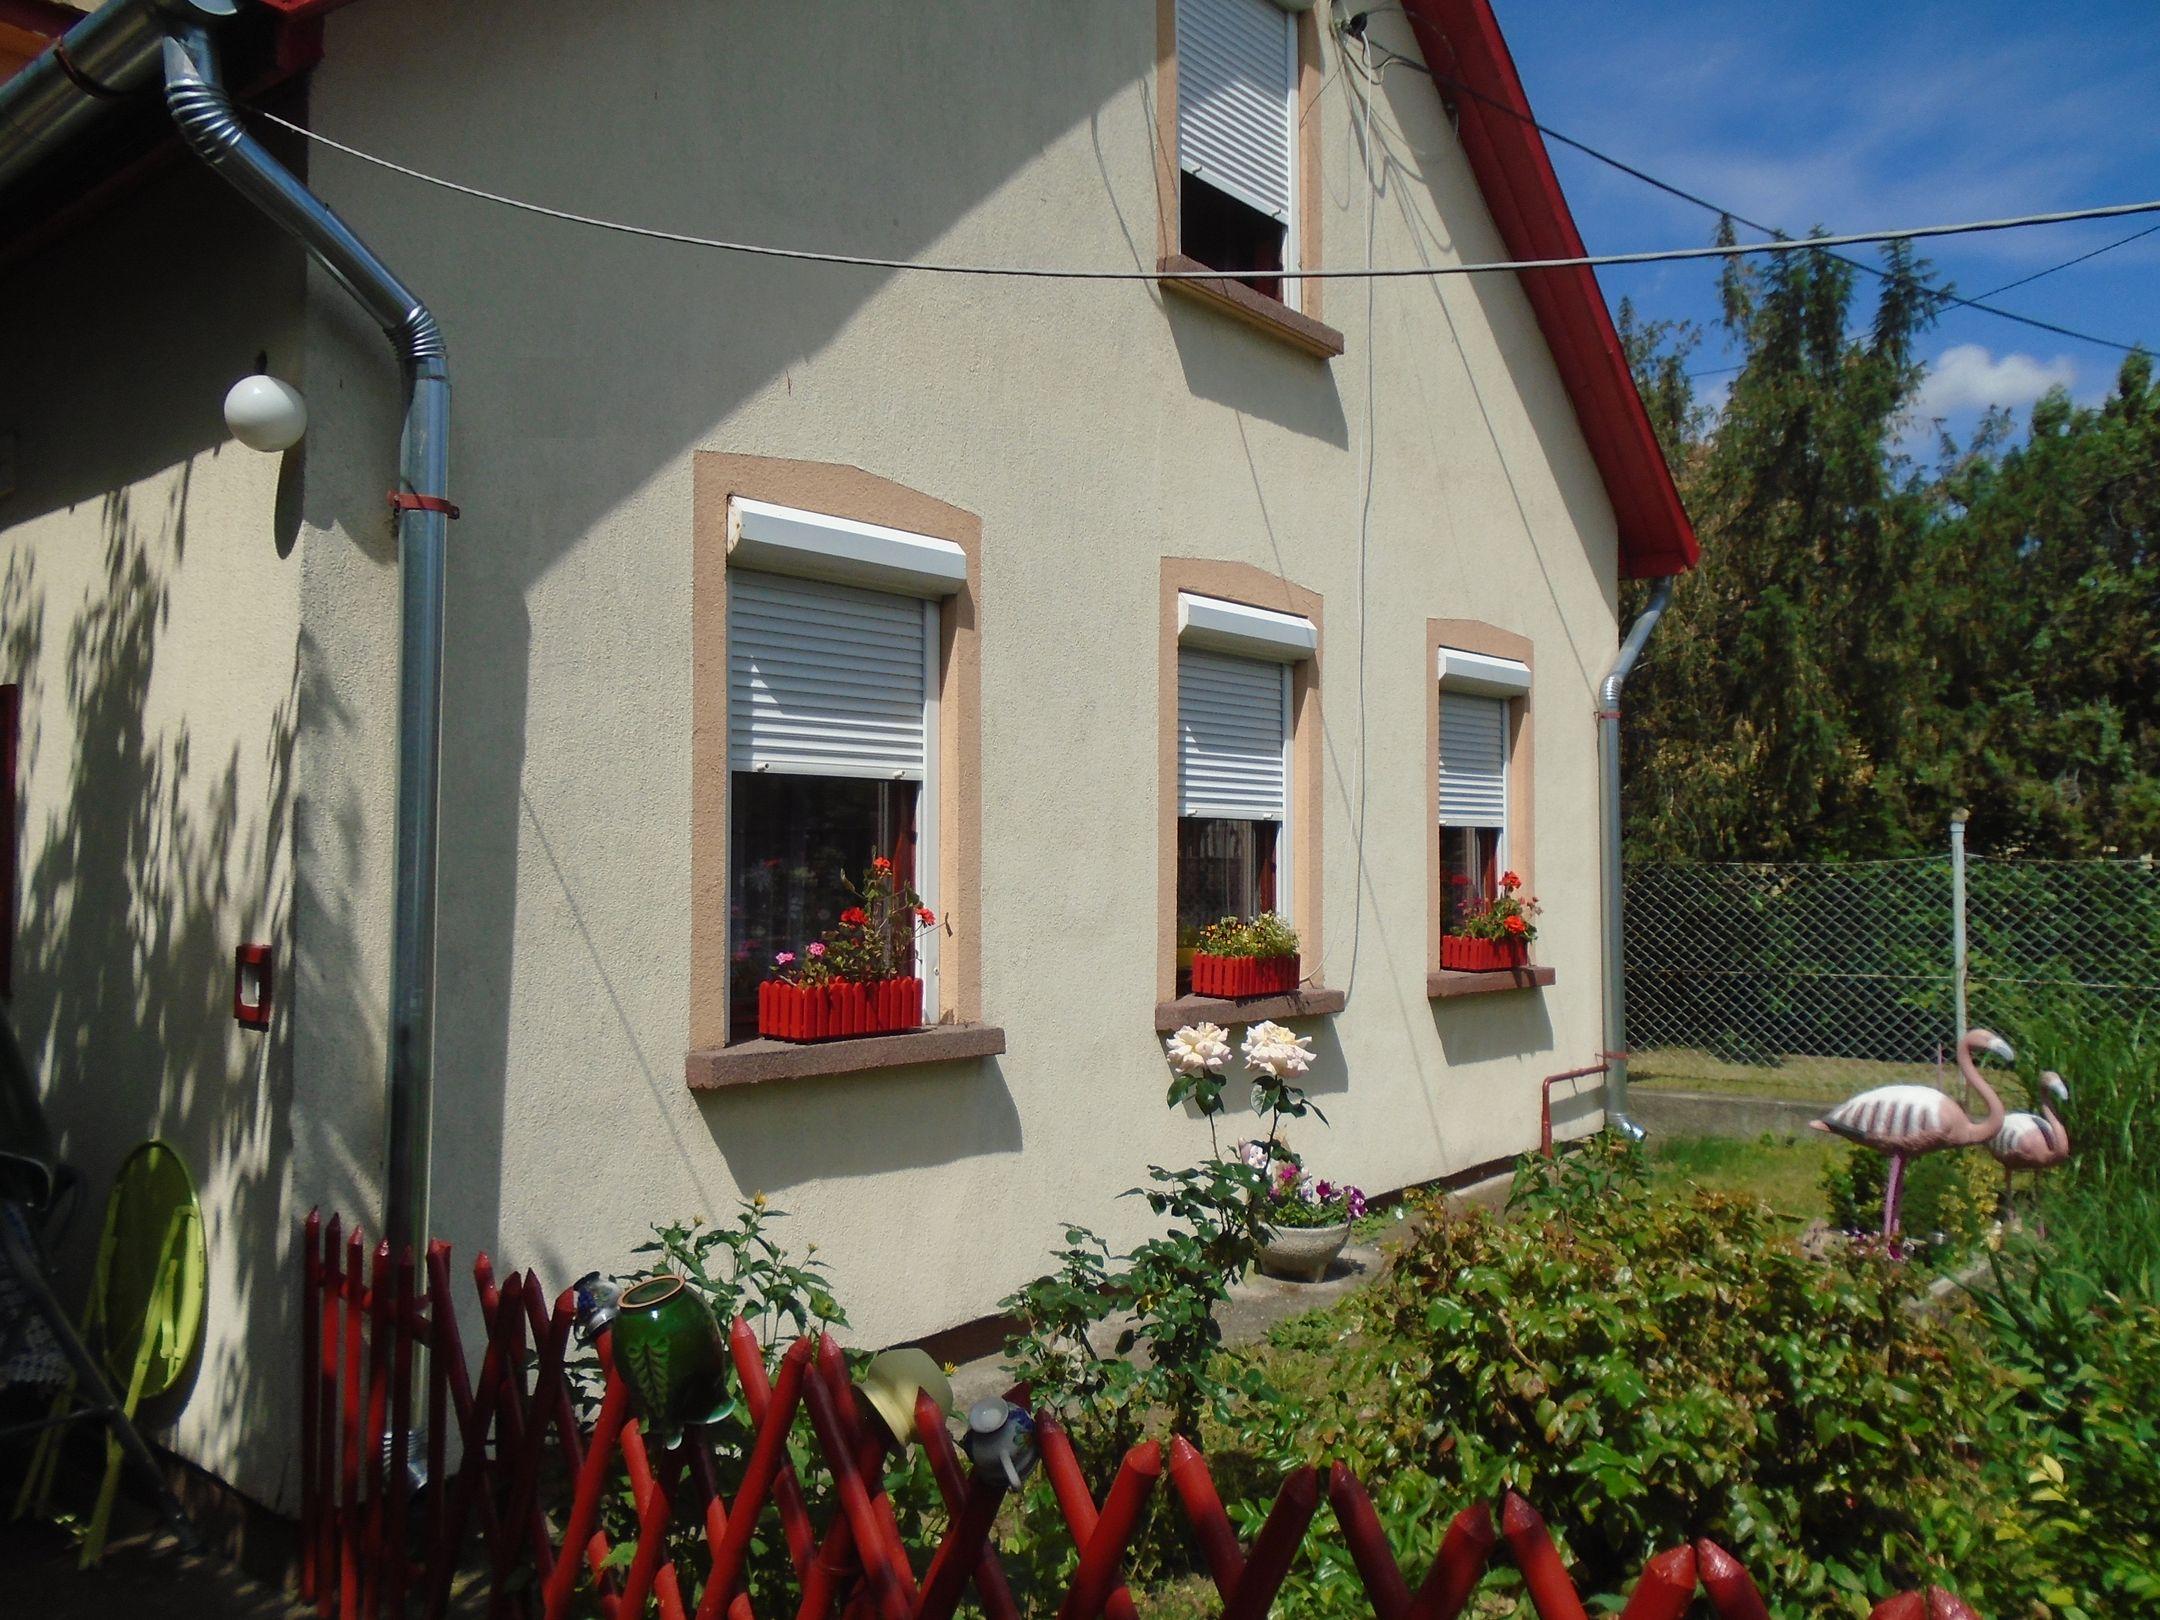 Maglód központjában,csendes utcában, jó állapotú 3 generációs, tetőteres családi ház ápolt kerttel eladó!